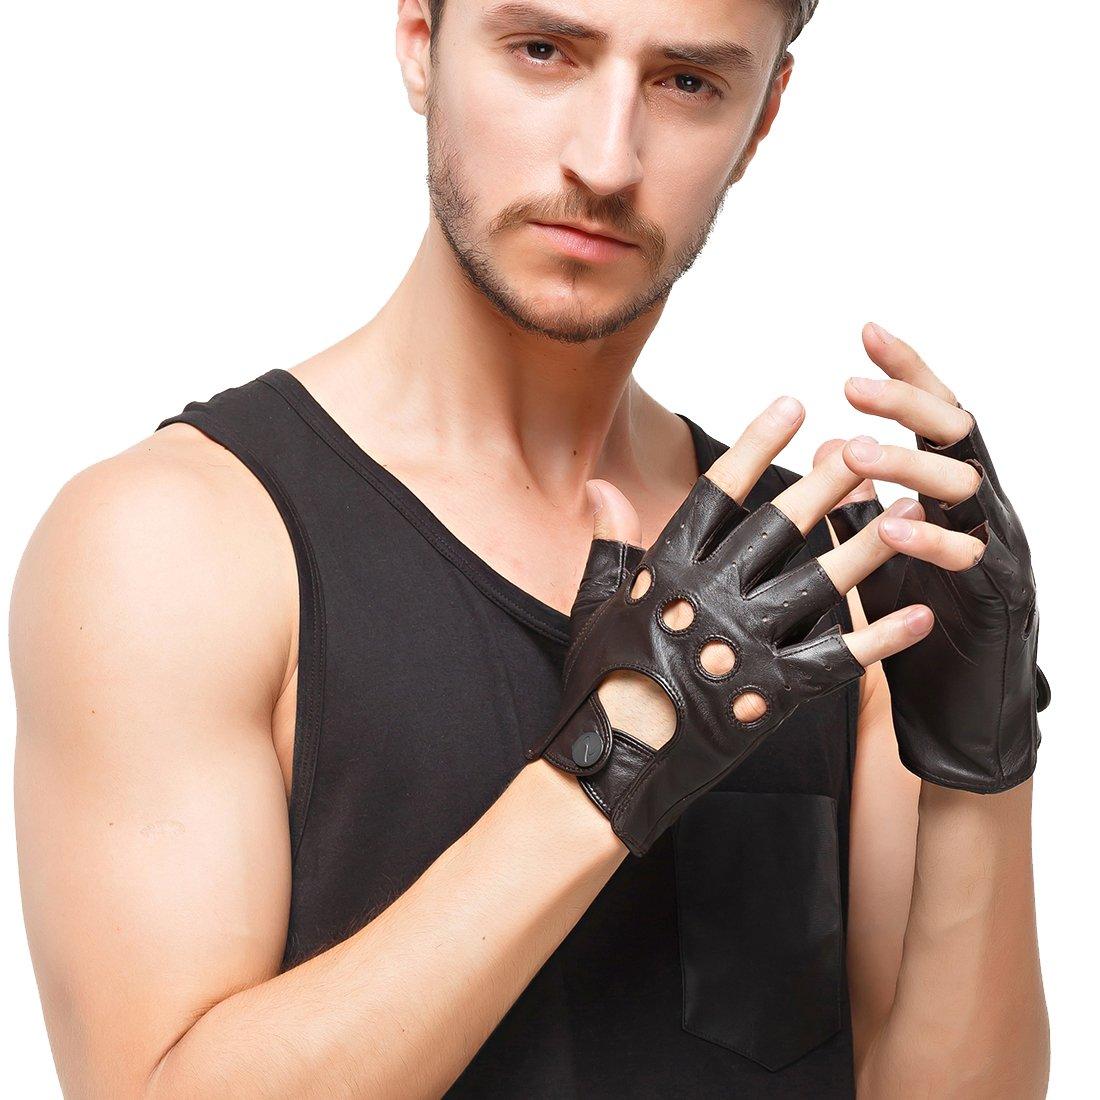 Nappaglo uomini di cuoio di guanti da guida italiana di pelle mezzo dito senza dita unlined guanti per bicicletta in moto DCE2031NB2PH